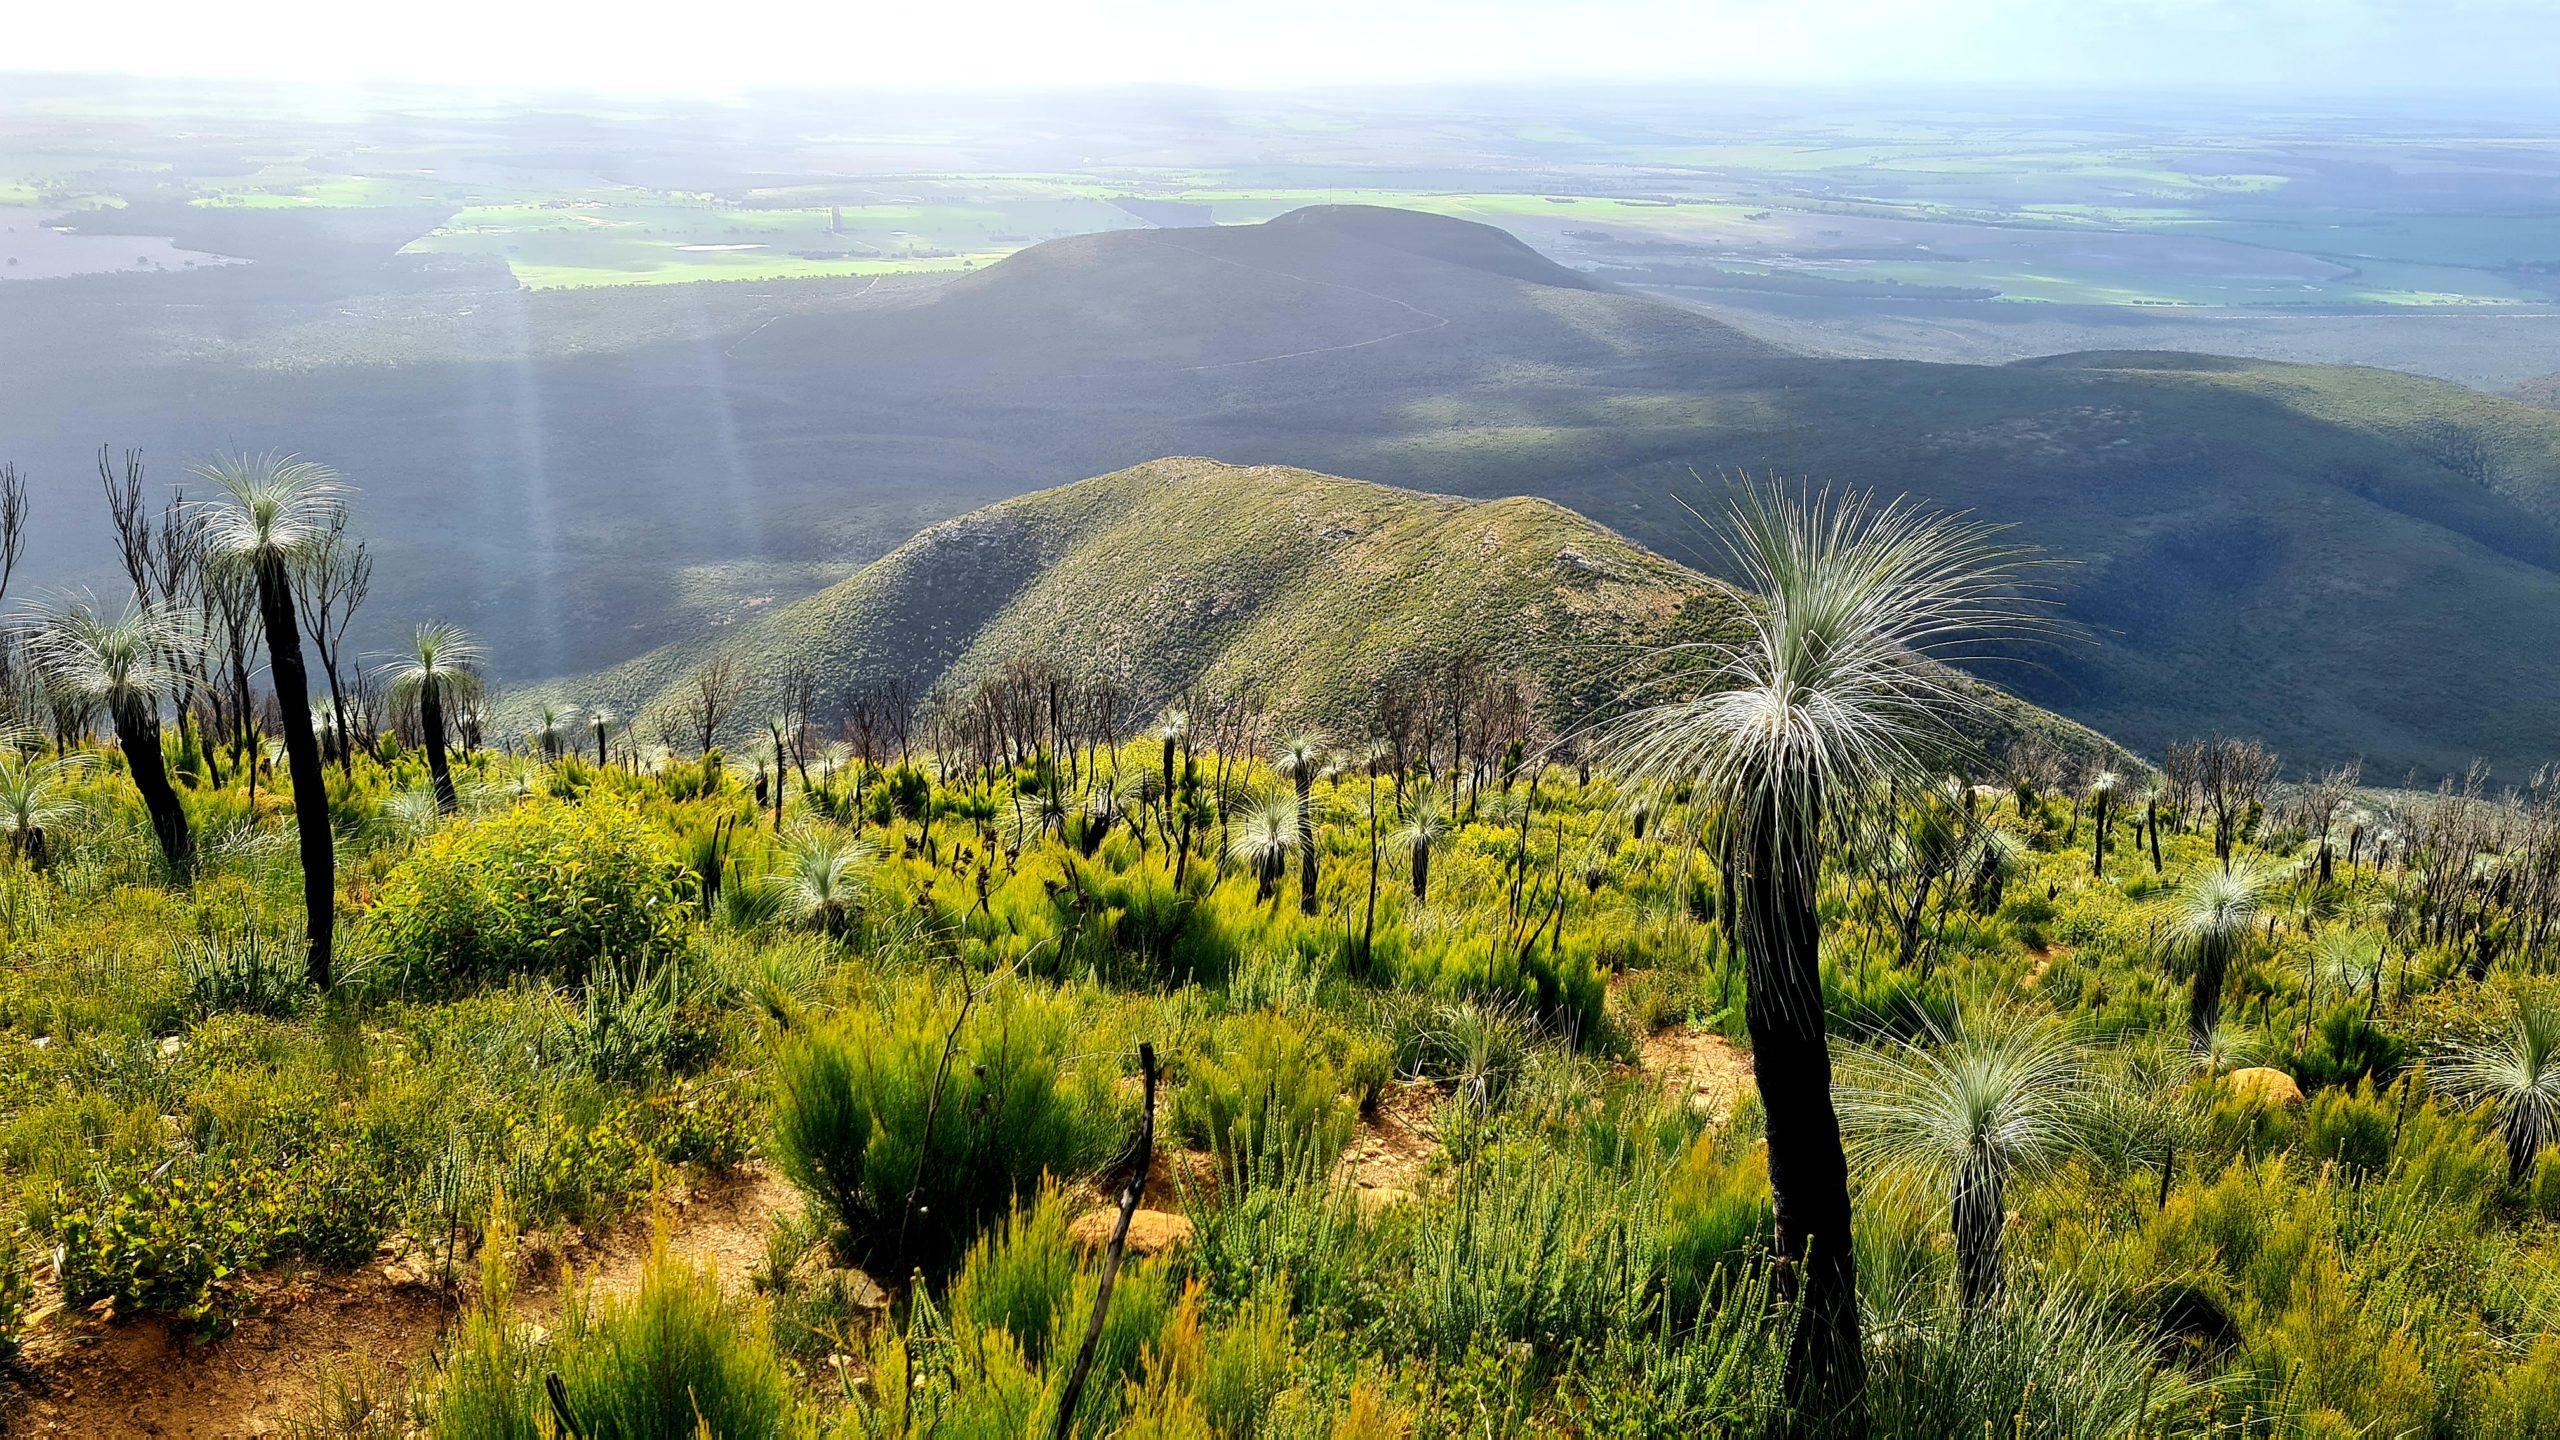 Western Australia hikes